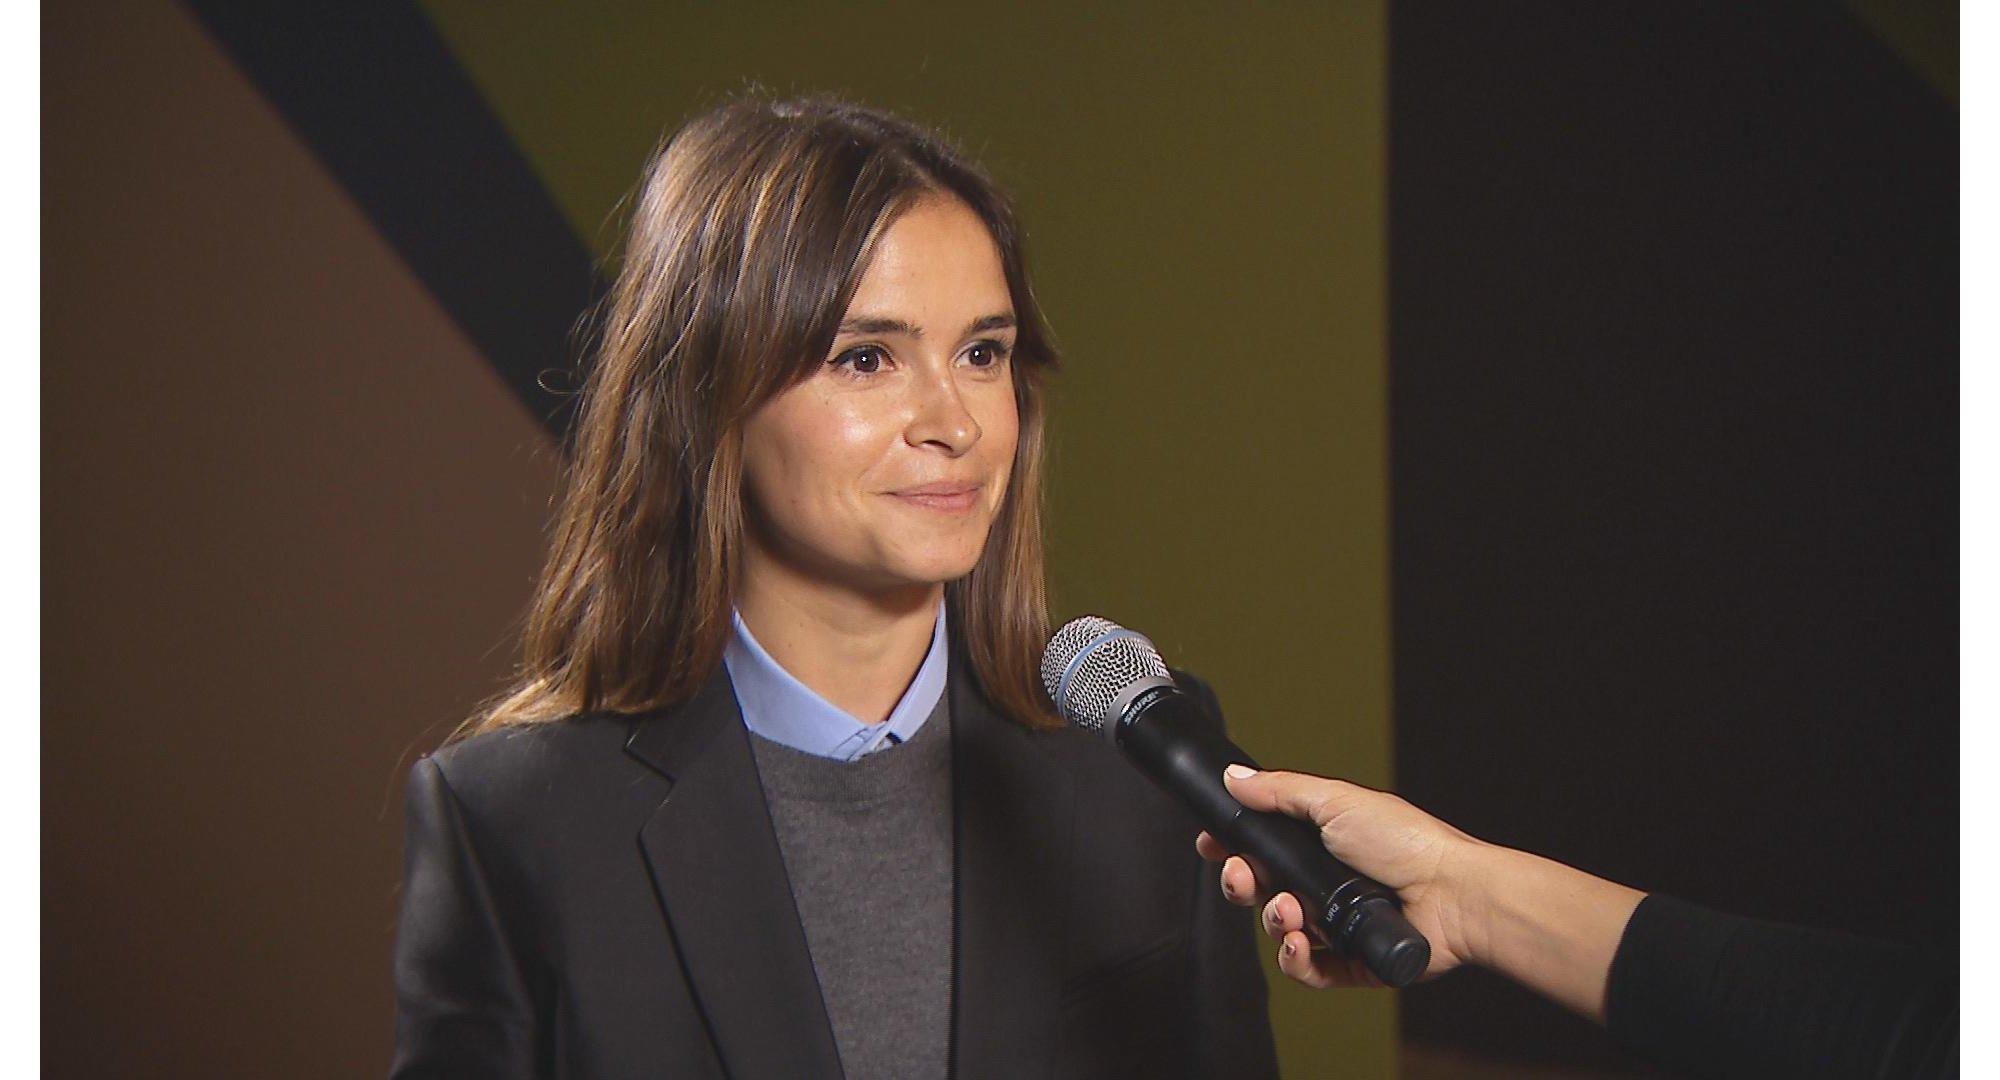 Miroslava Duma portant un pull gris et une veste noire